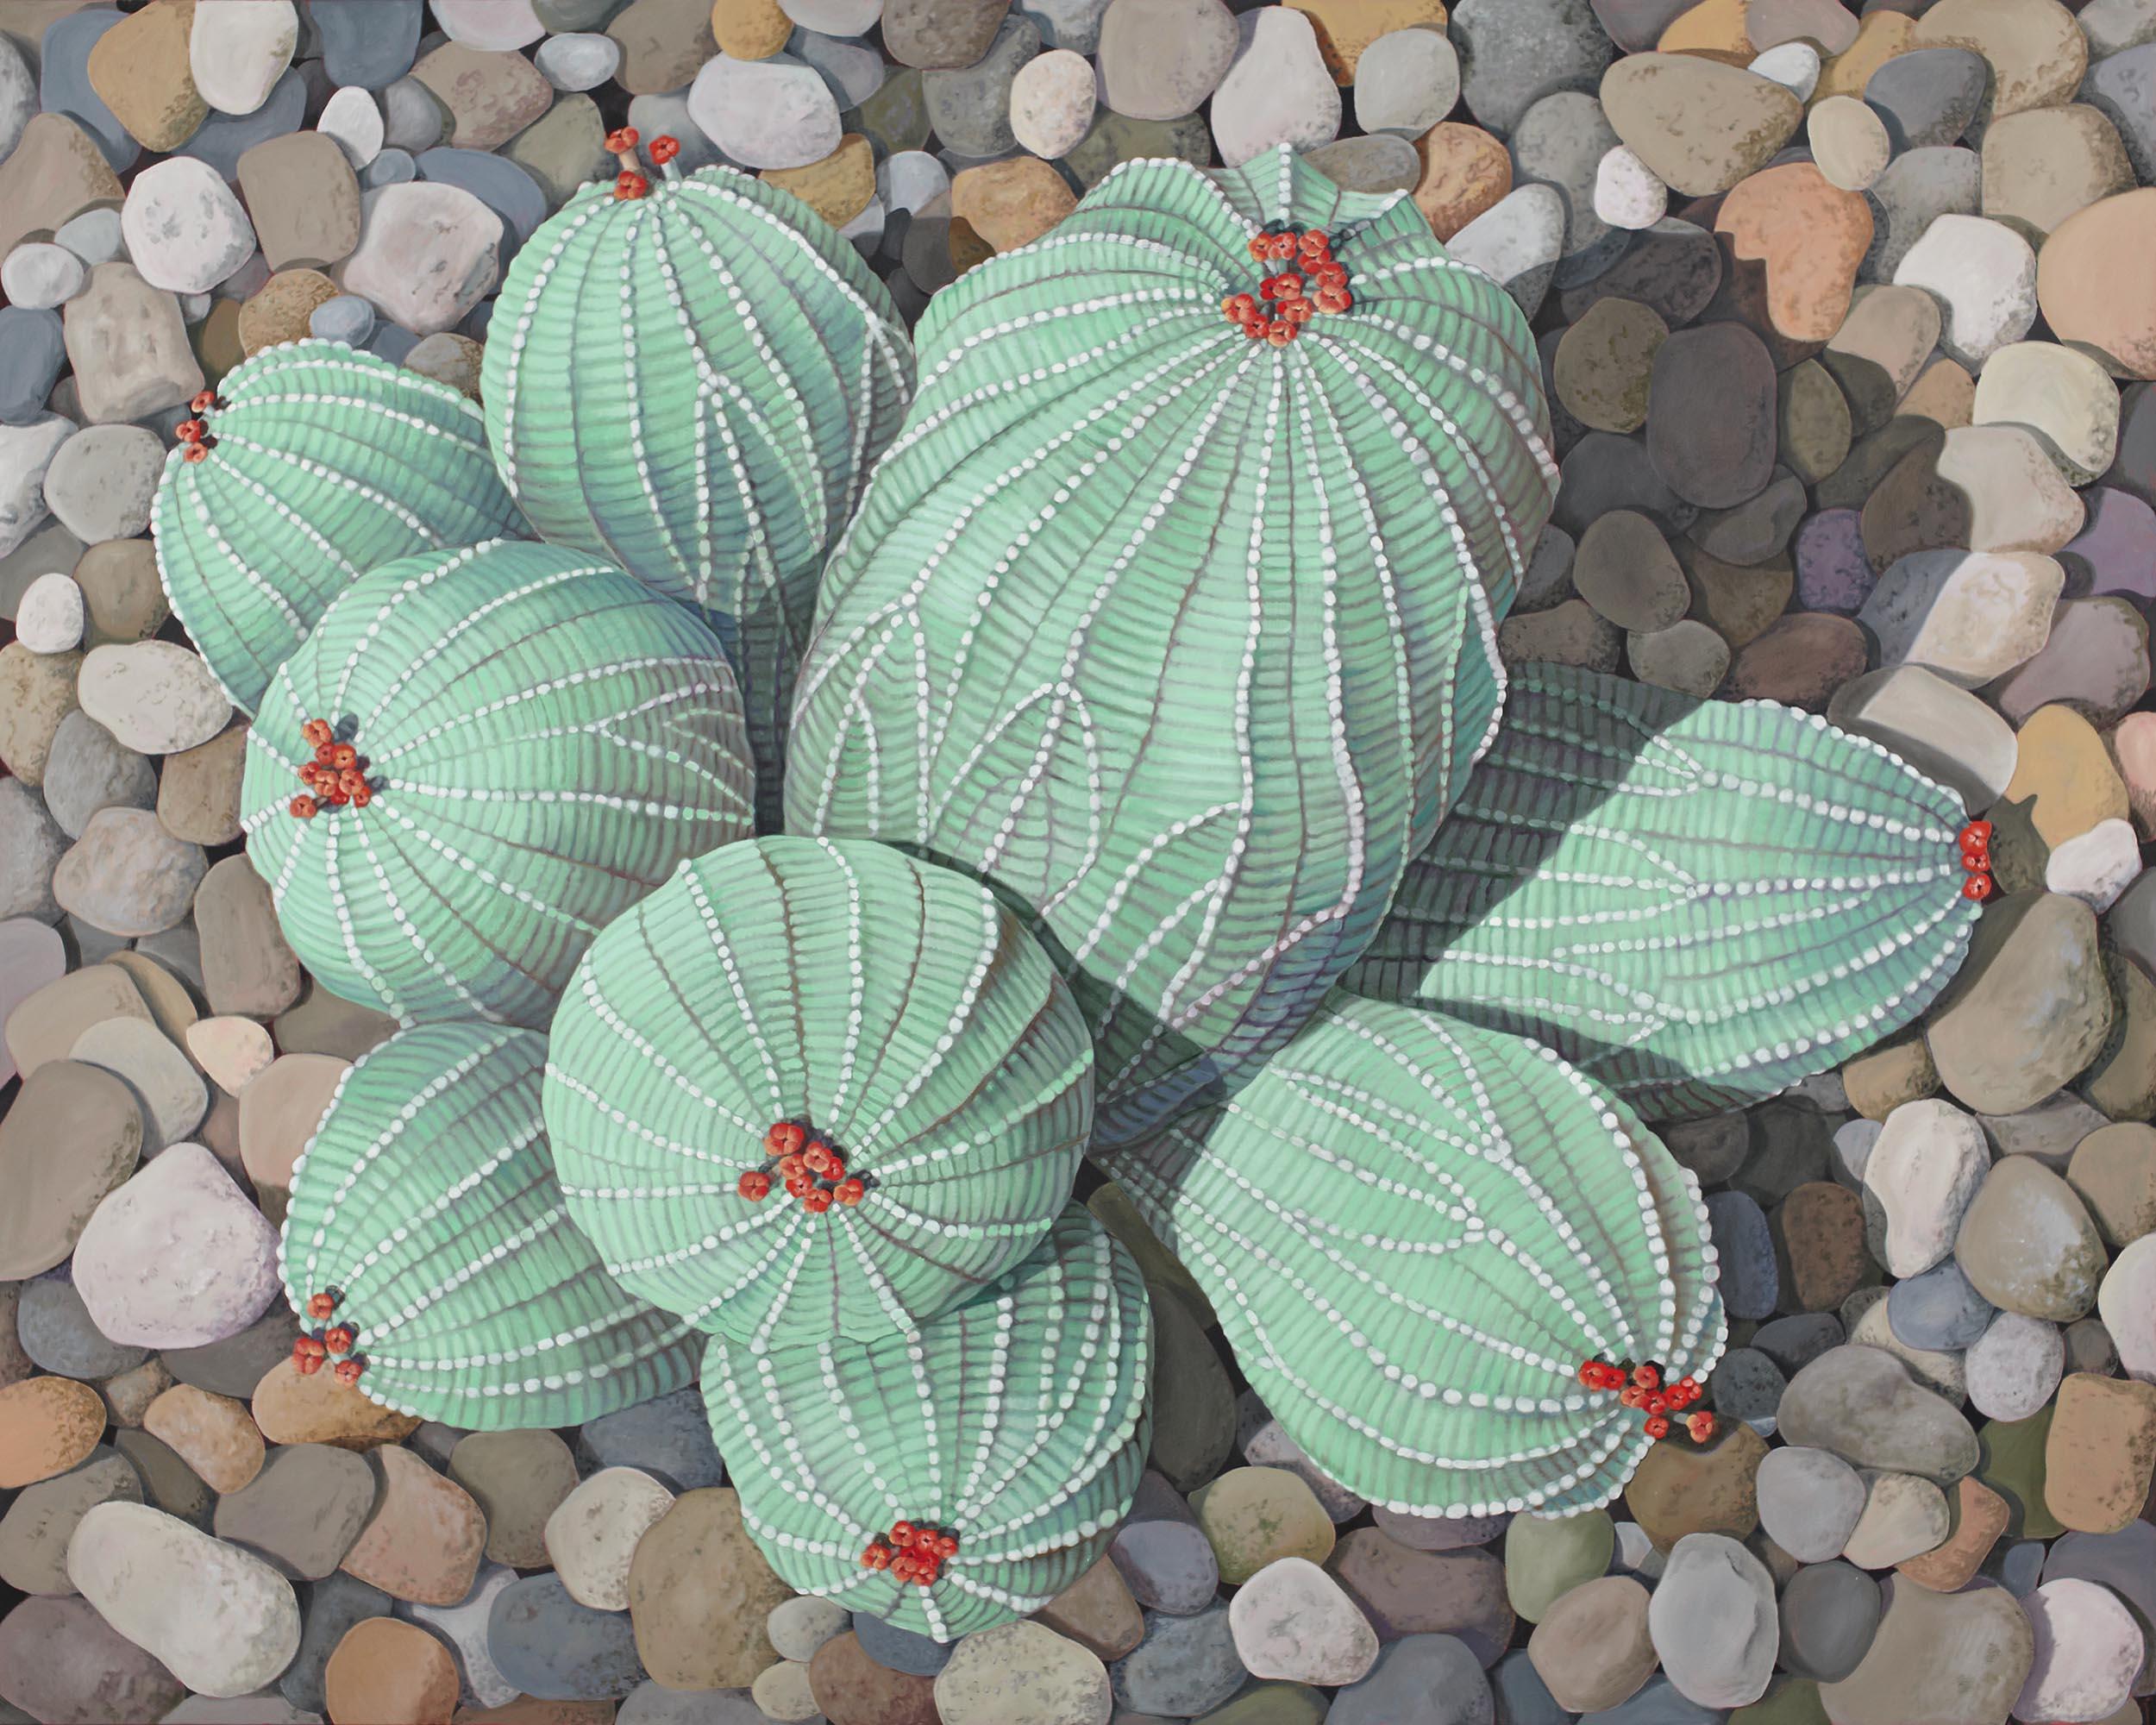 Euphorbia 3, 48 x 60 inches